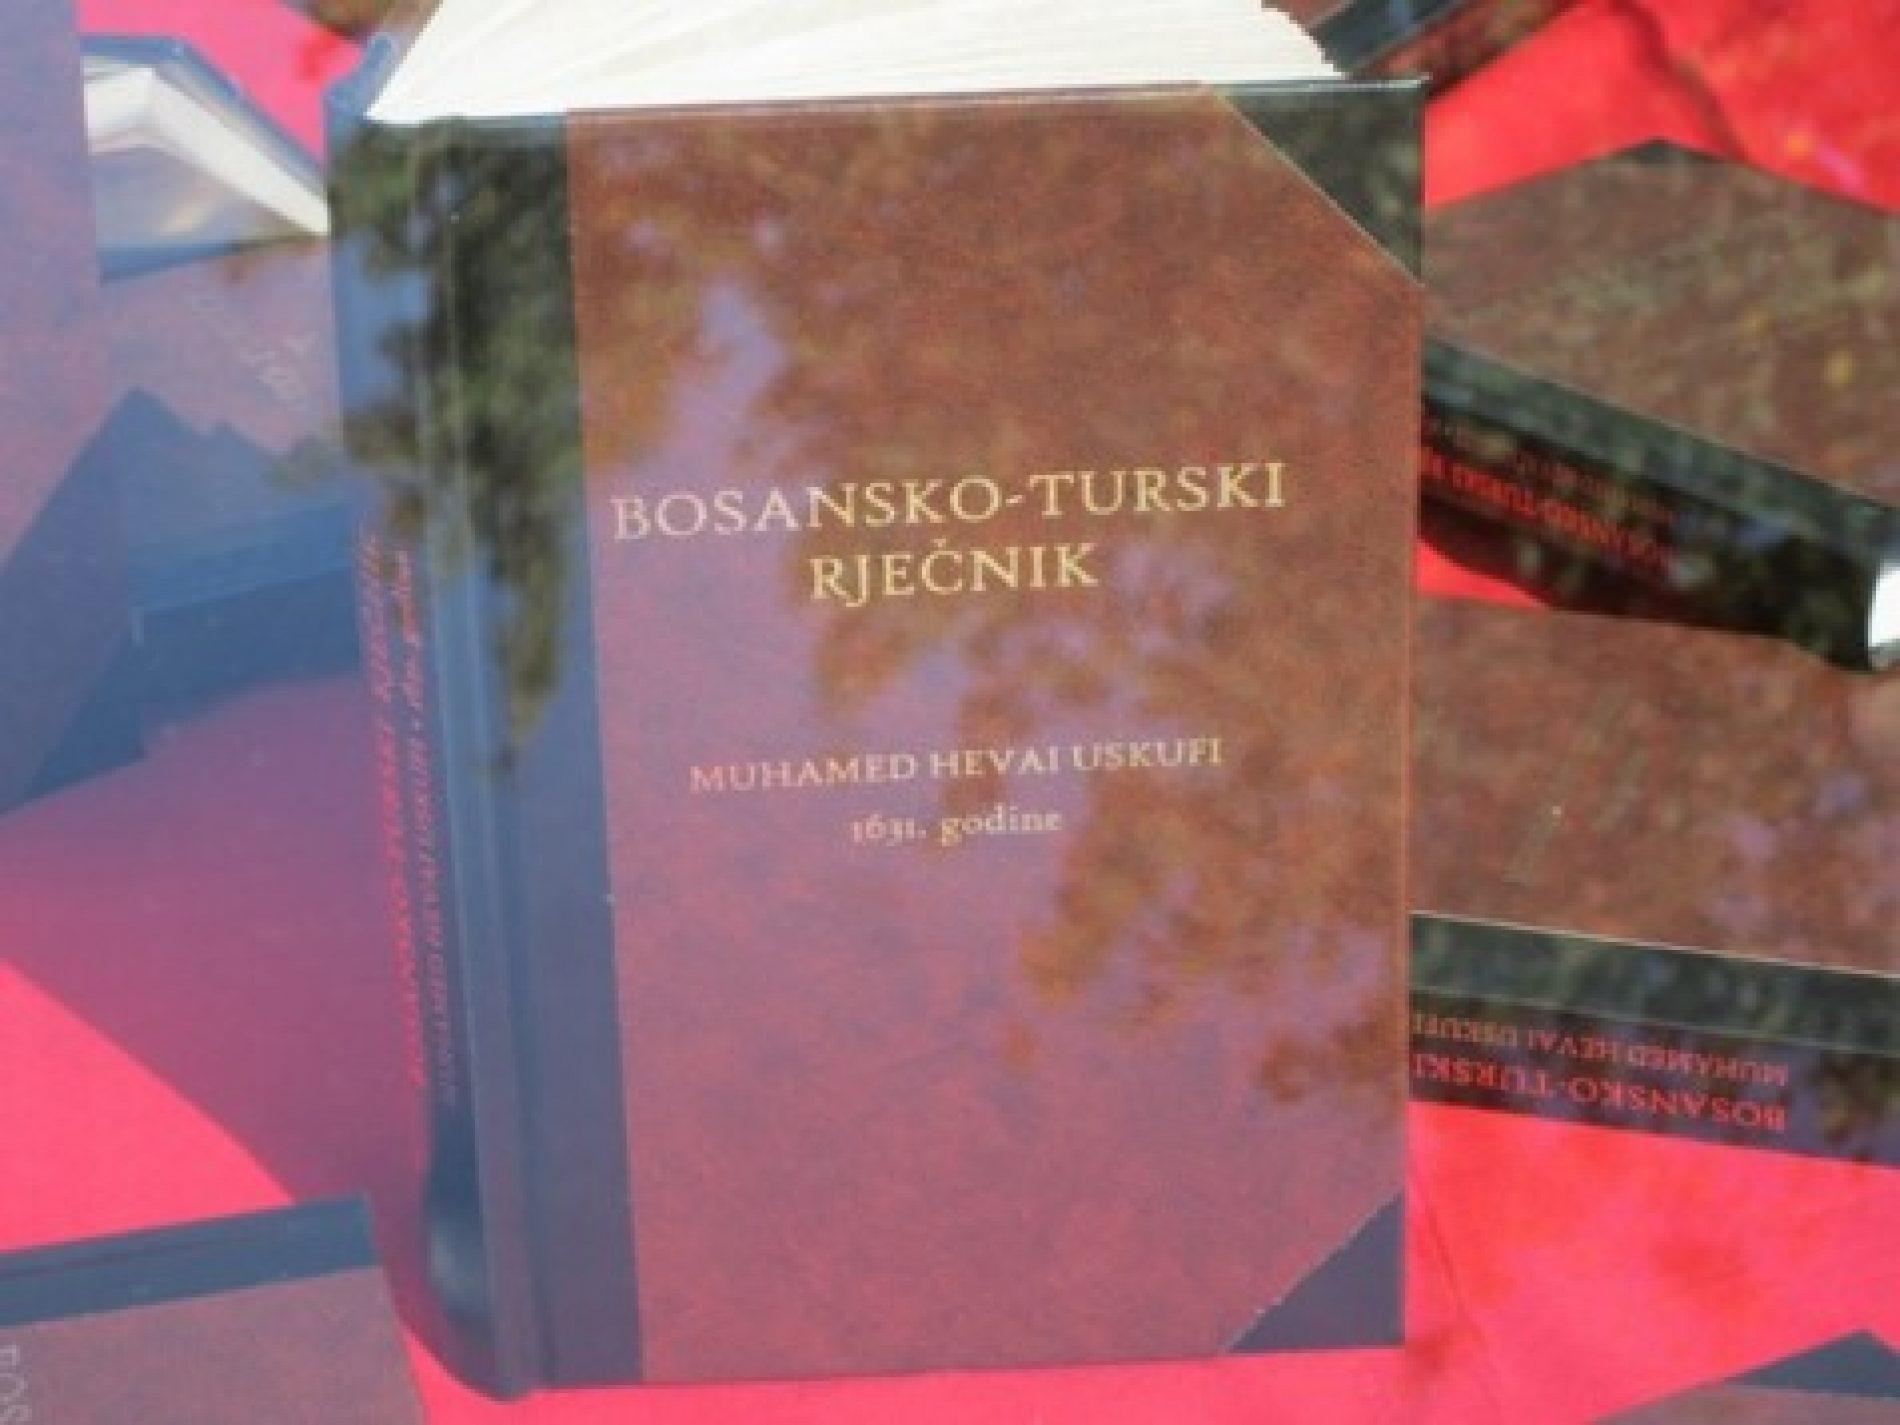 Prvi bosanski rječnik: Gradu Tuzla 2.000 bosansko-turskih rječnika